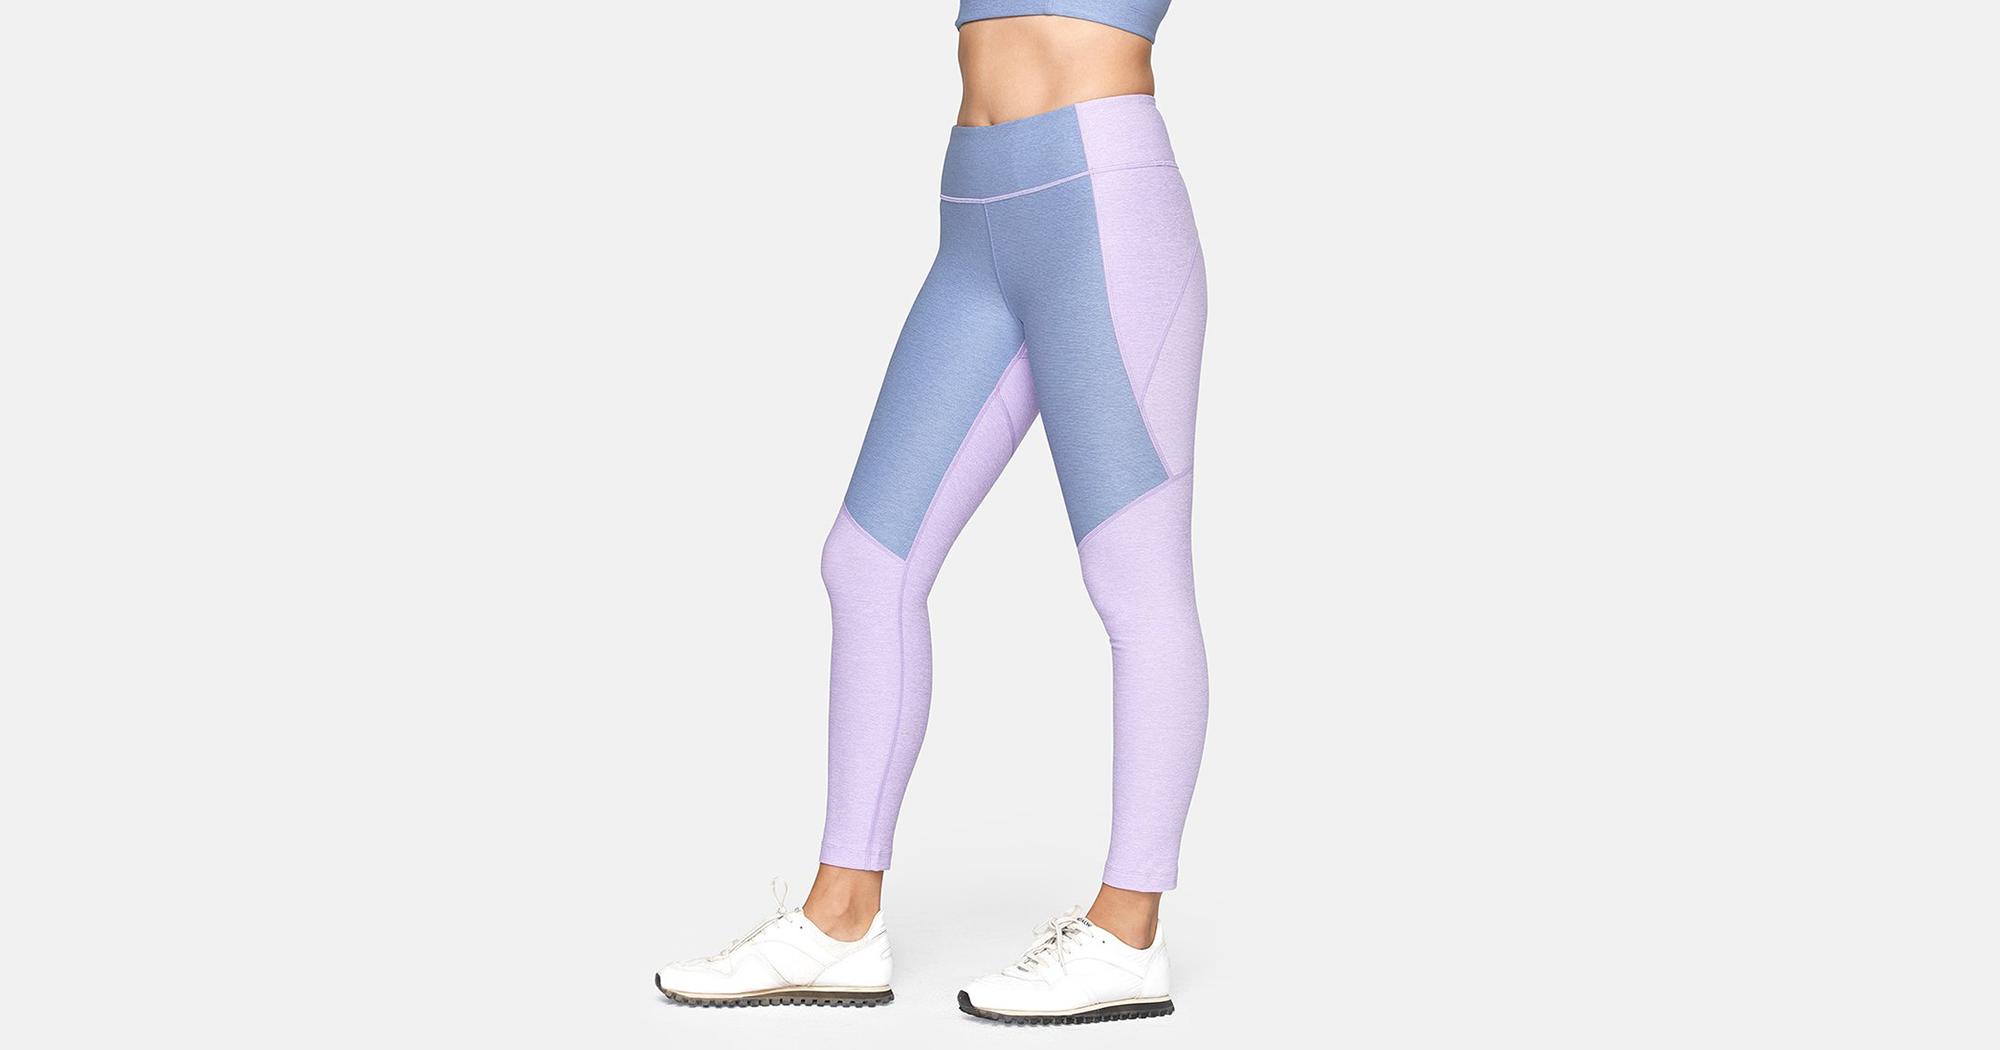 9e77e4e669a20a Best Outdoor Voices Sale Leggings & Clothes To Buy 2019